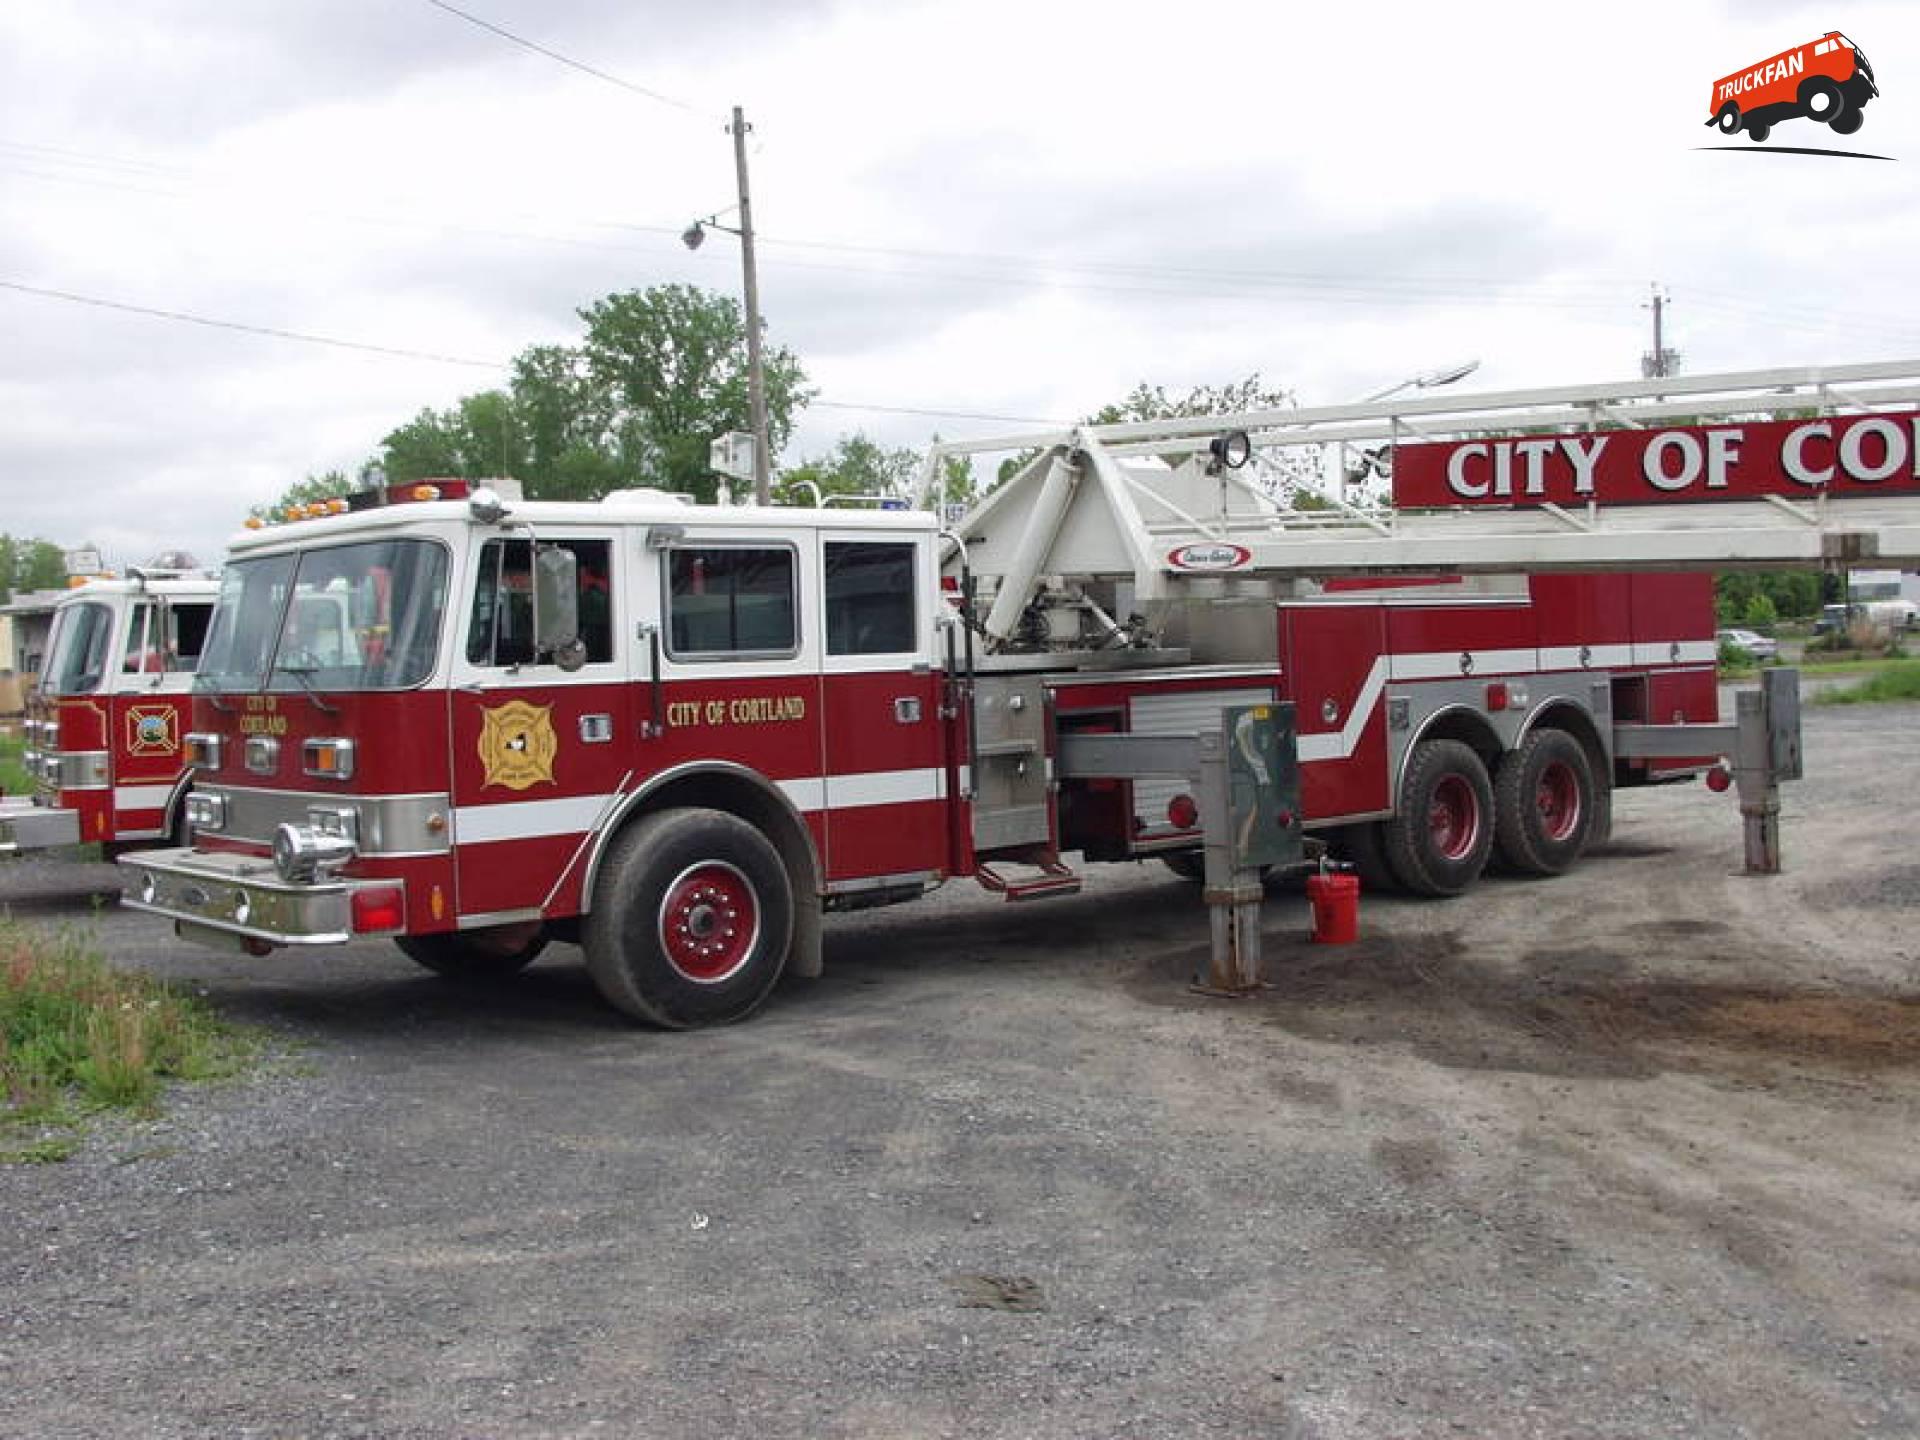 Pierce brandweerwagen